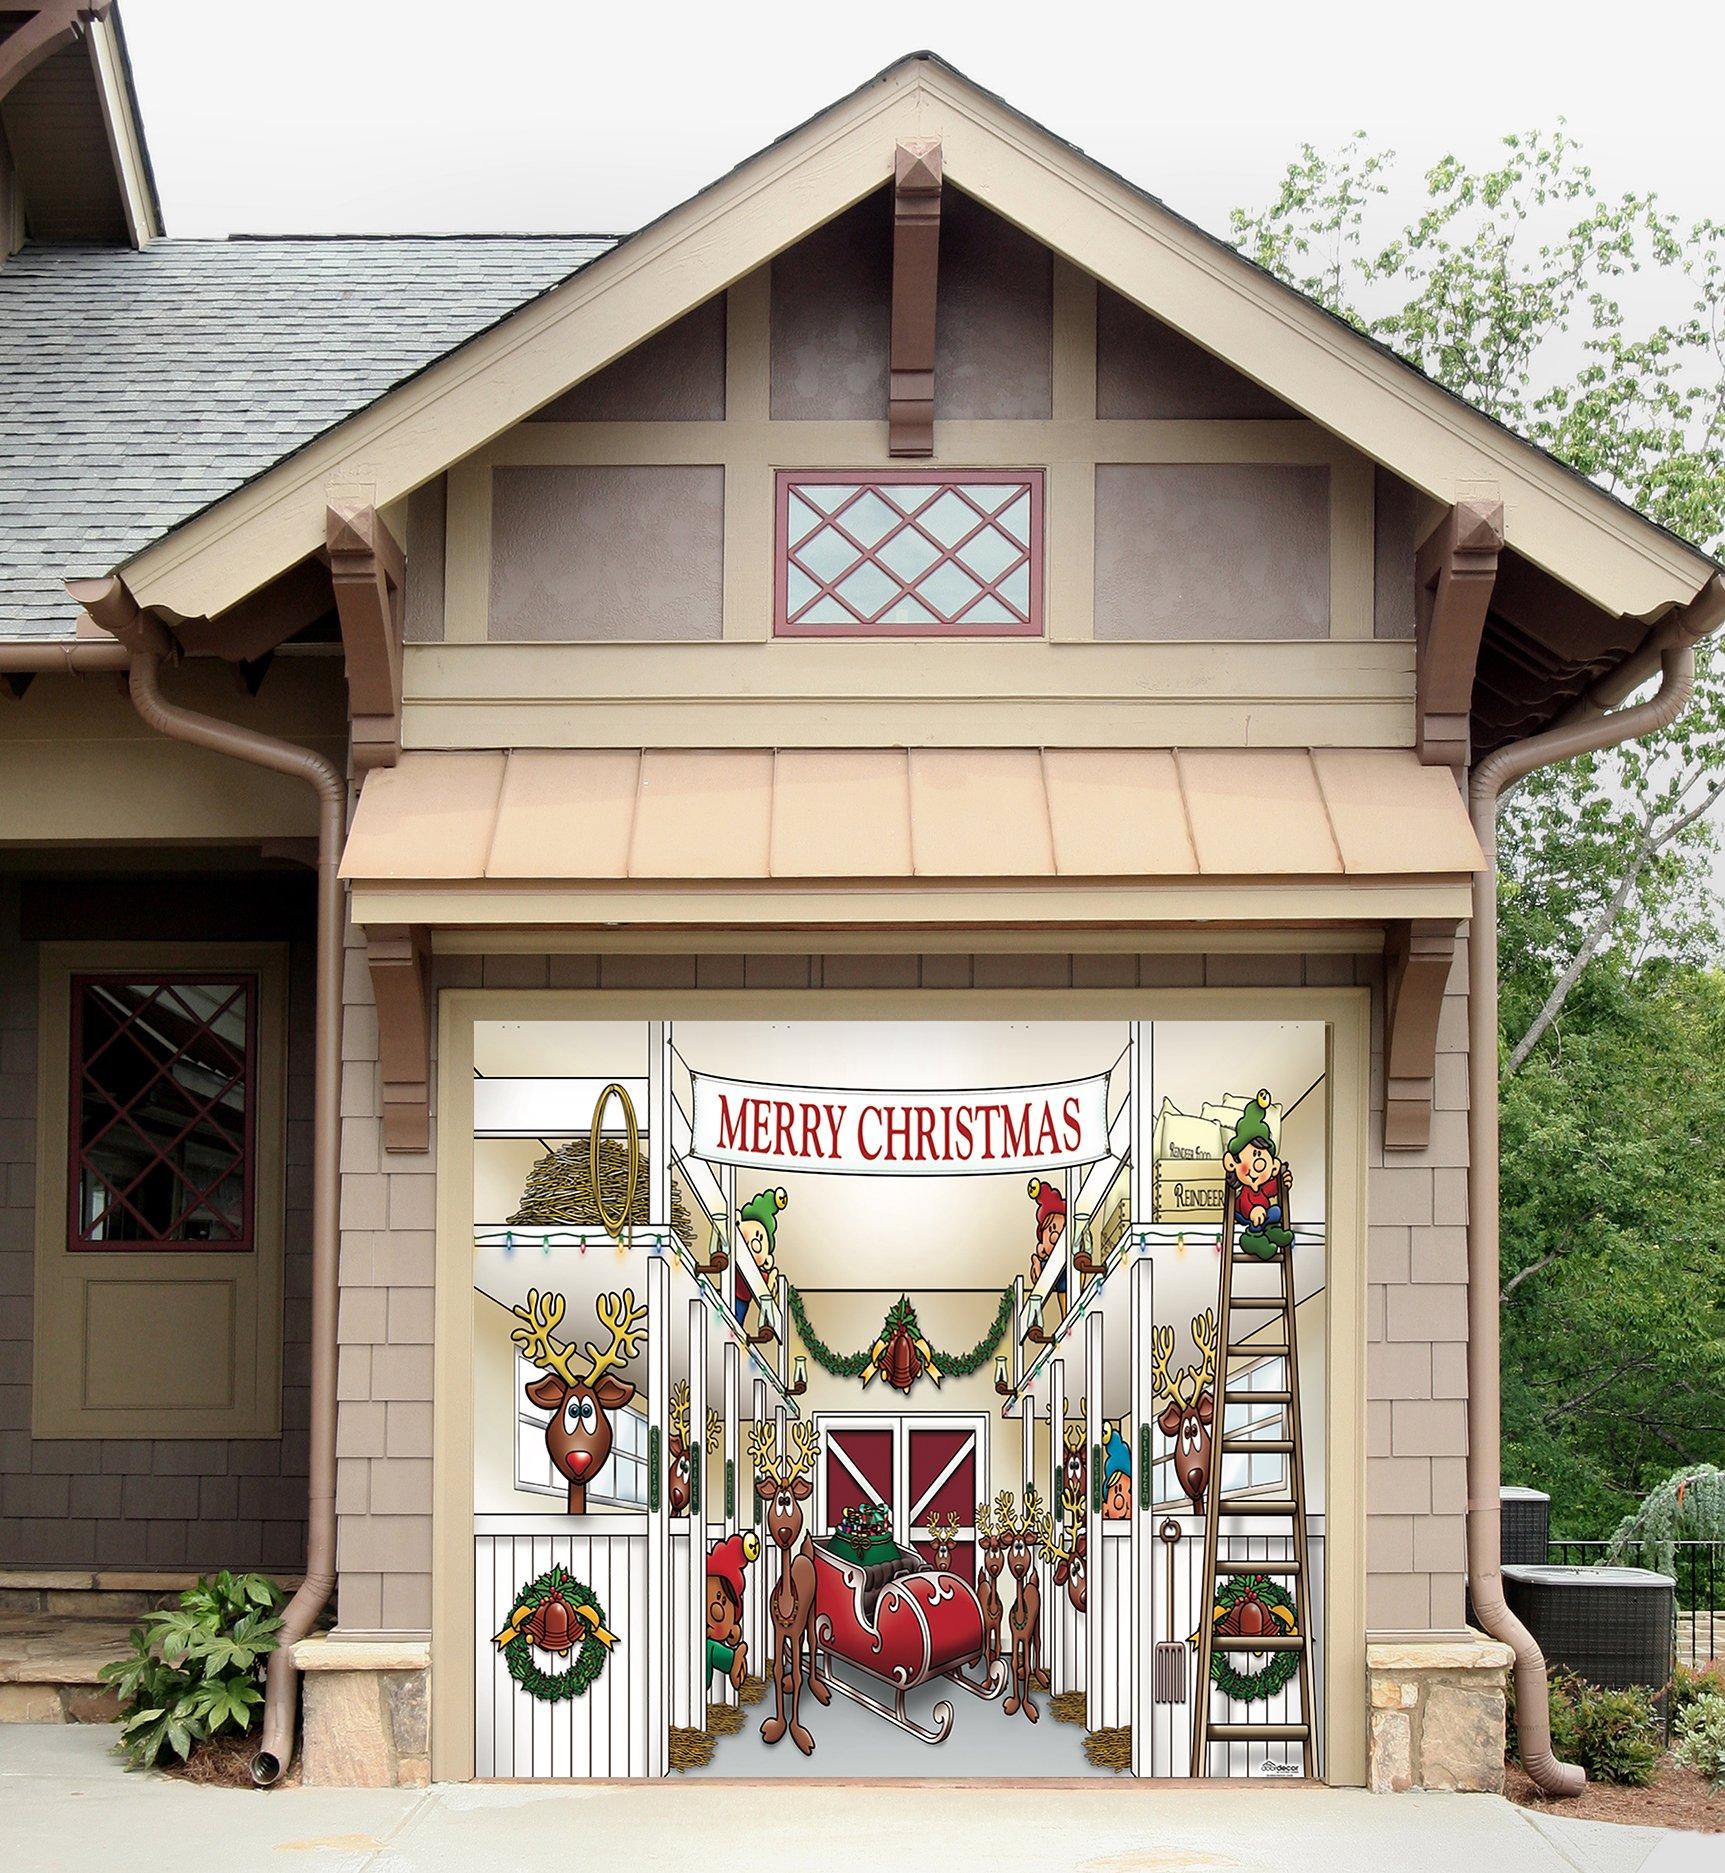 Outdoor Christmas Holiday Garage Door Banner Cover Mural Décoration - Santa's Reindeer Barn without Santa Holiday Garage Door Banner Décor Sign 8'x9'